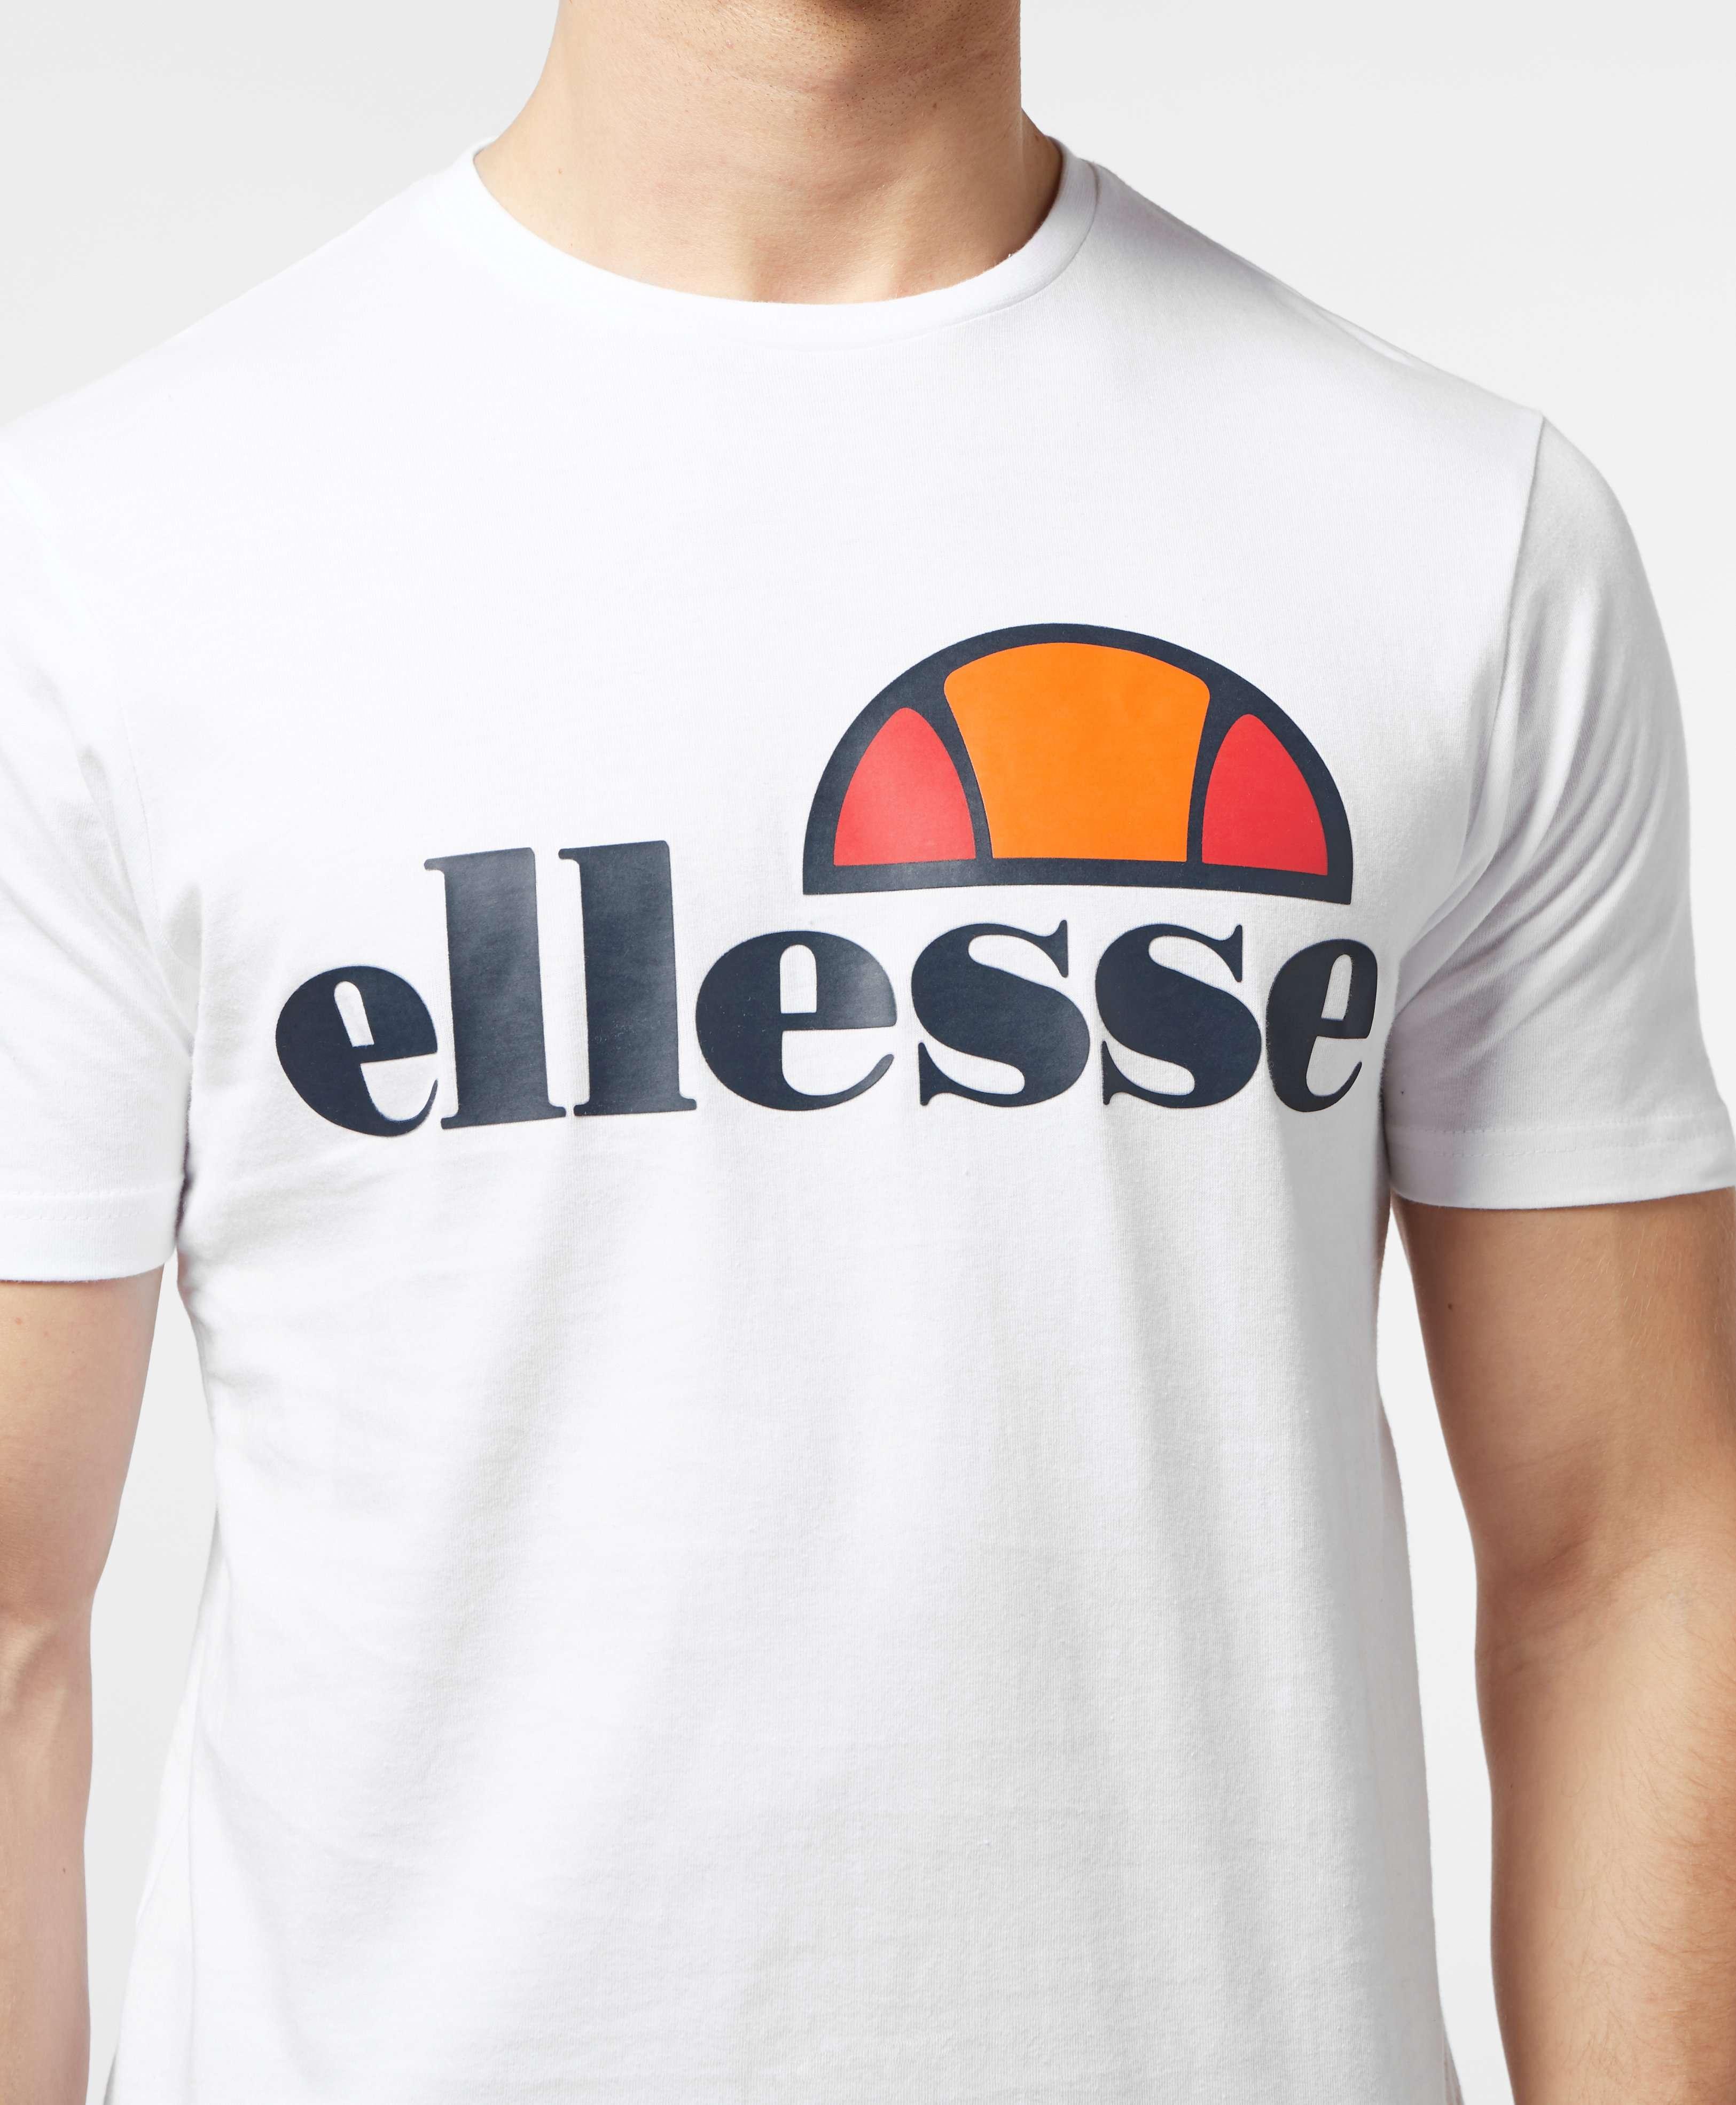 Ellesse Prado Short Sleeve T-Shirt